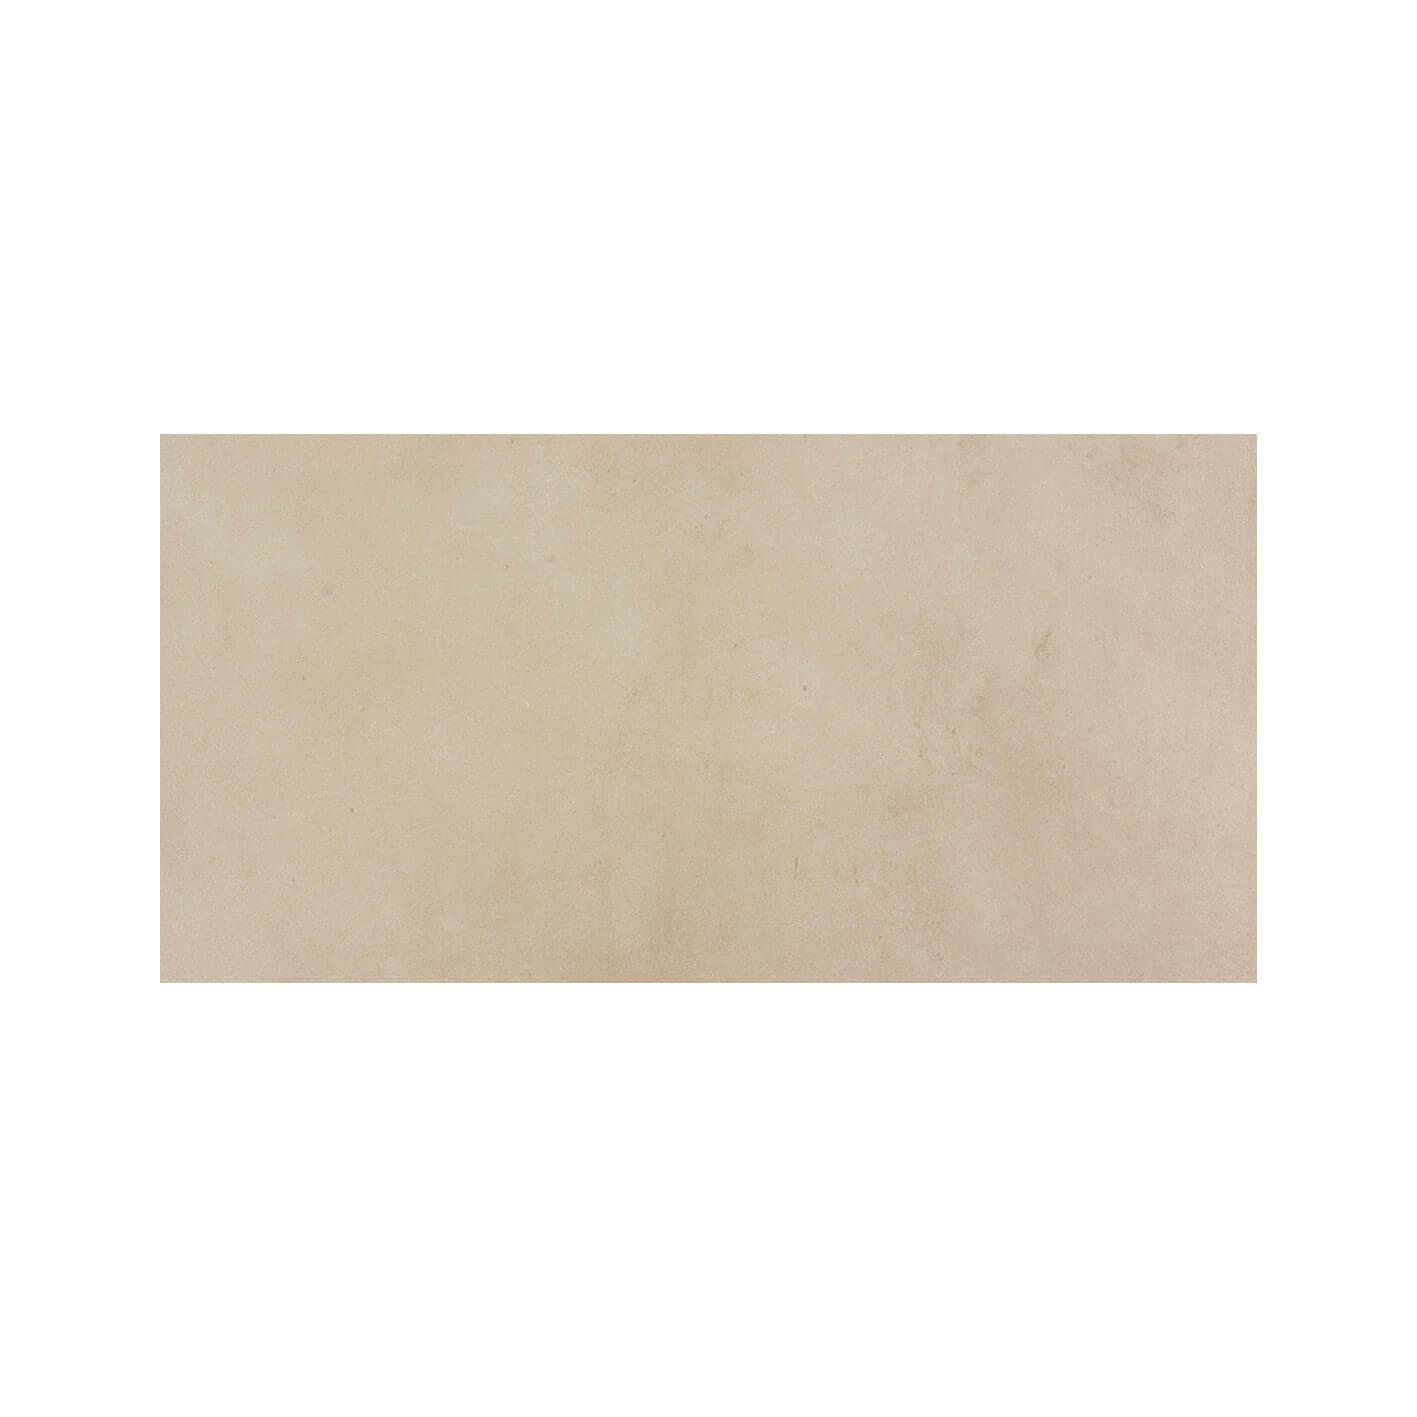 Carrelage aspect Béton Tech beige mat 30x60 cm